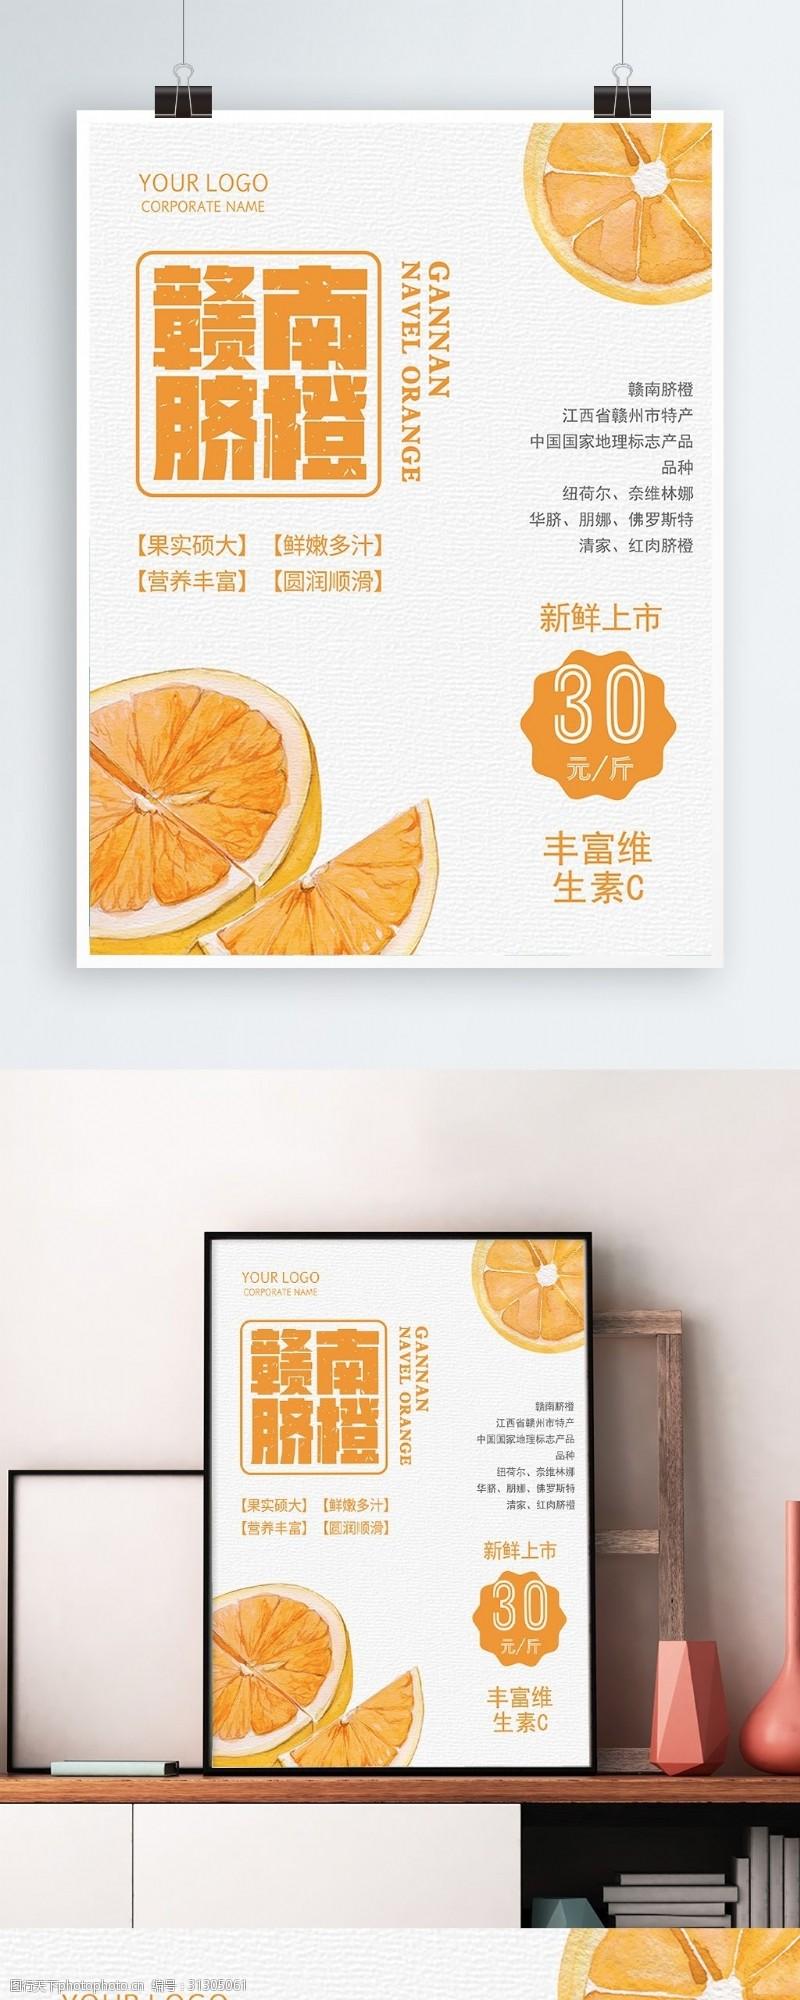 原创水果店手绘水果橙子海报模版下载